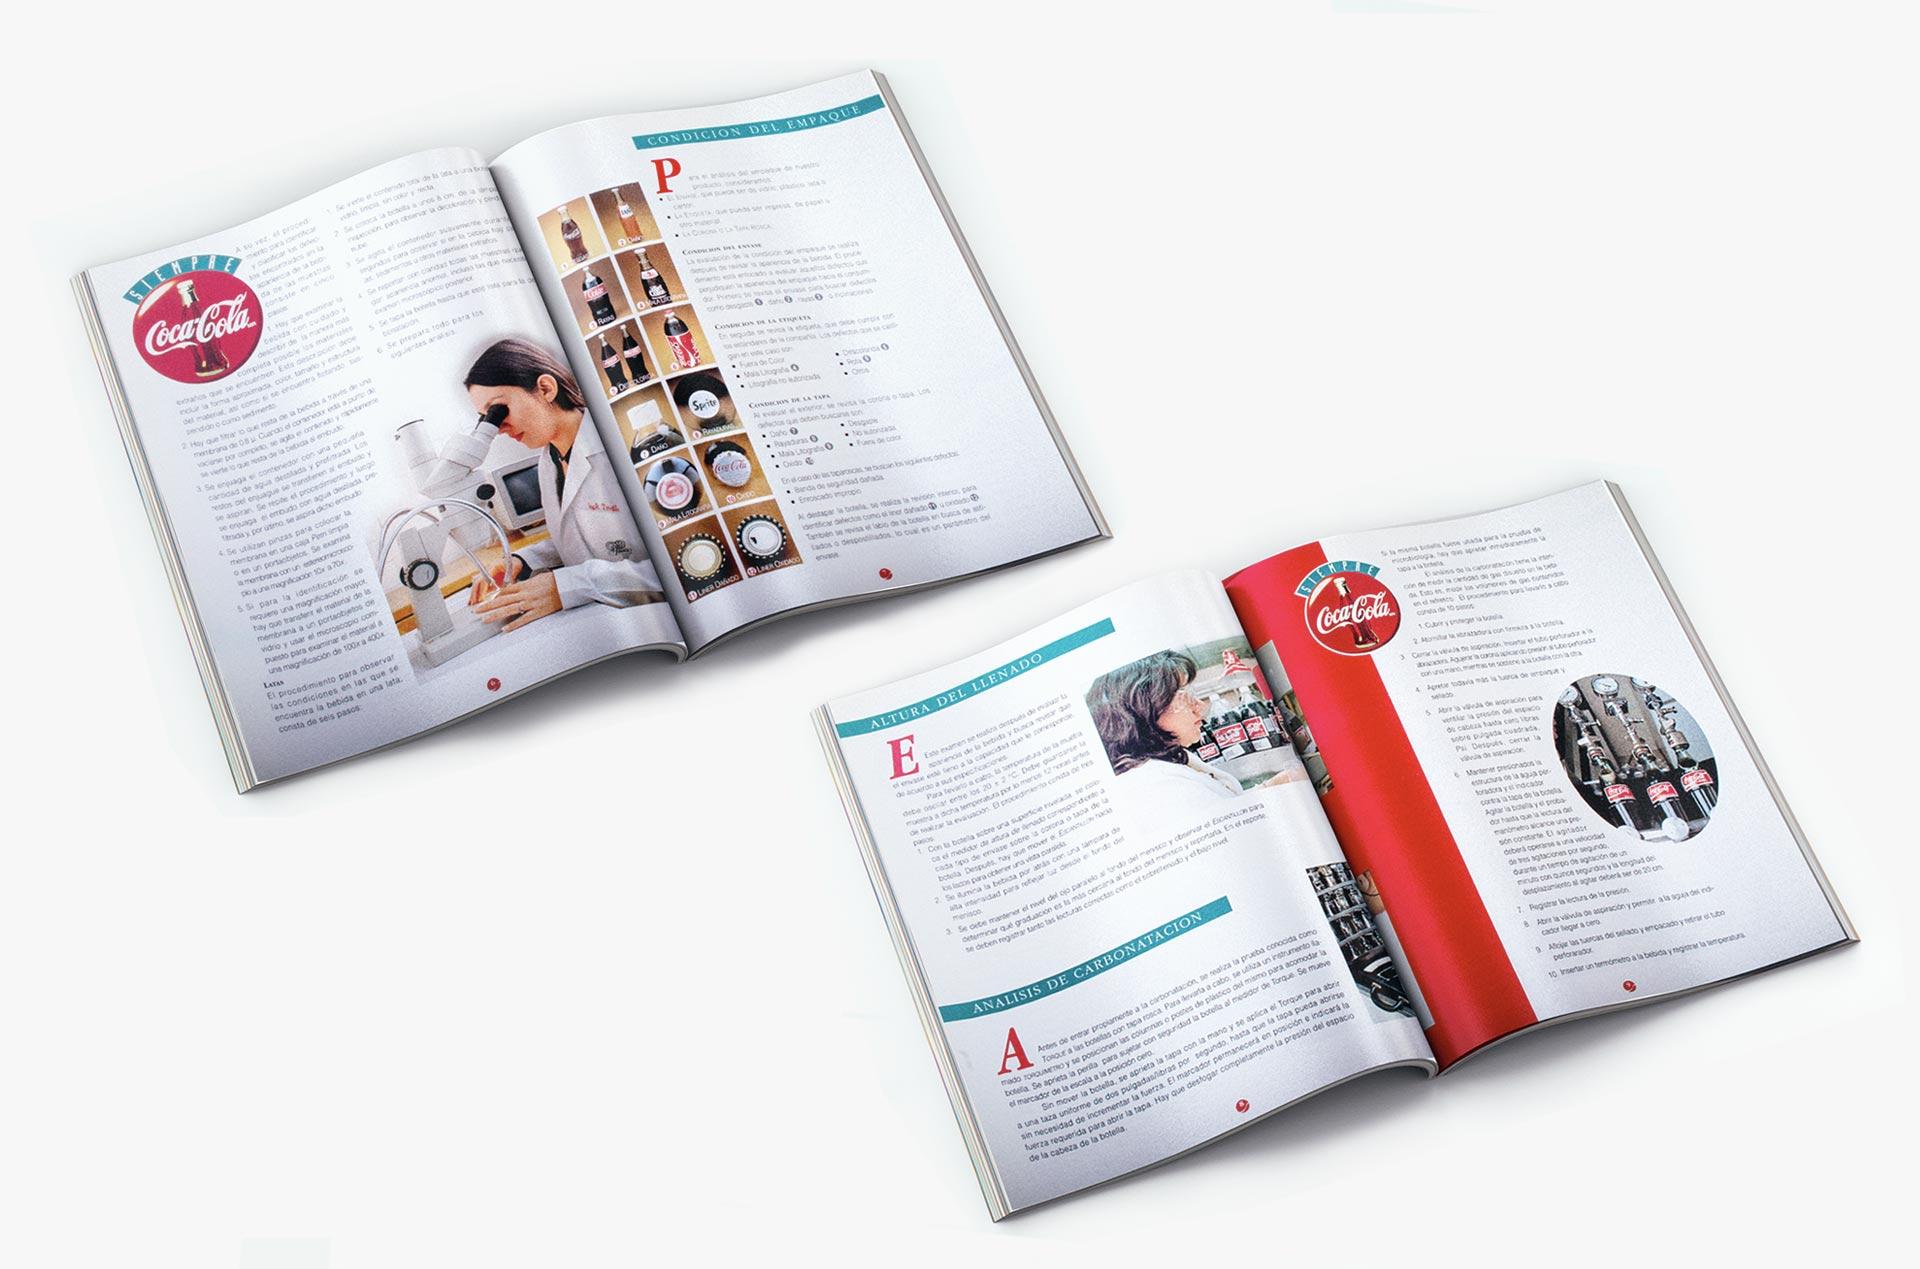 Diseño, fotografía, redacción de textos, producción de manual